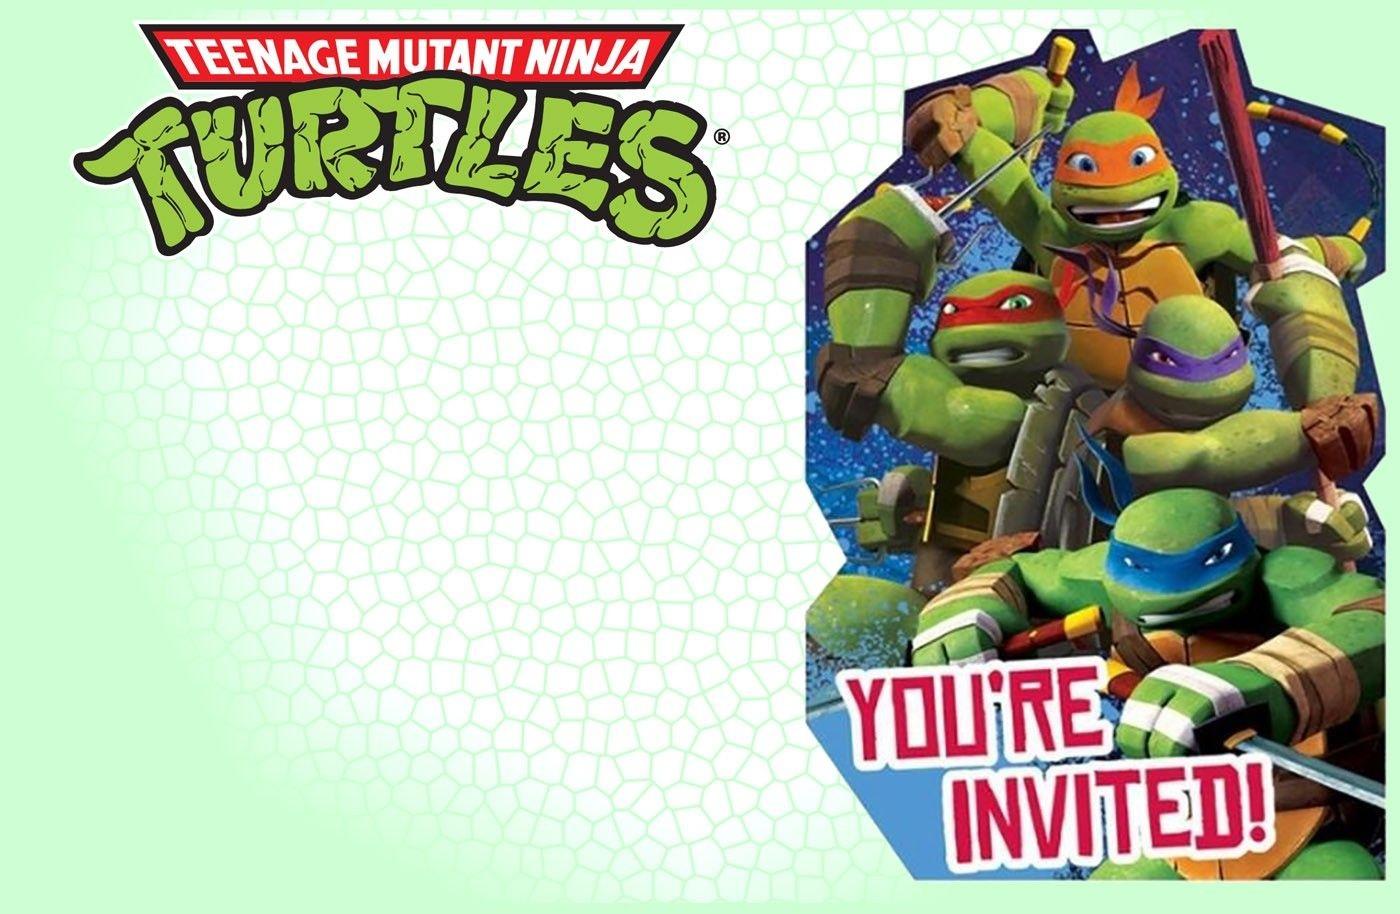 Editable Ninja Turtle Invitation Template | Tkb Printables In 2019 - Free Printable Tmnt Birthday Invitation Template